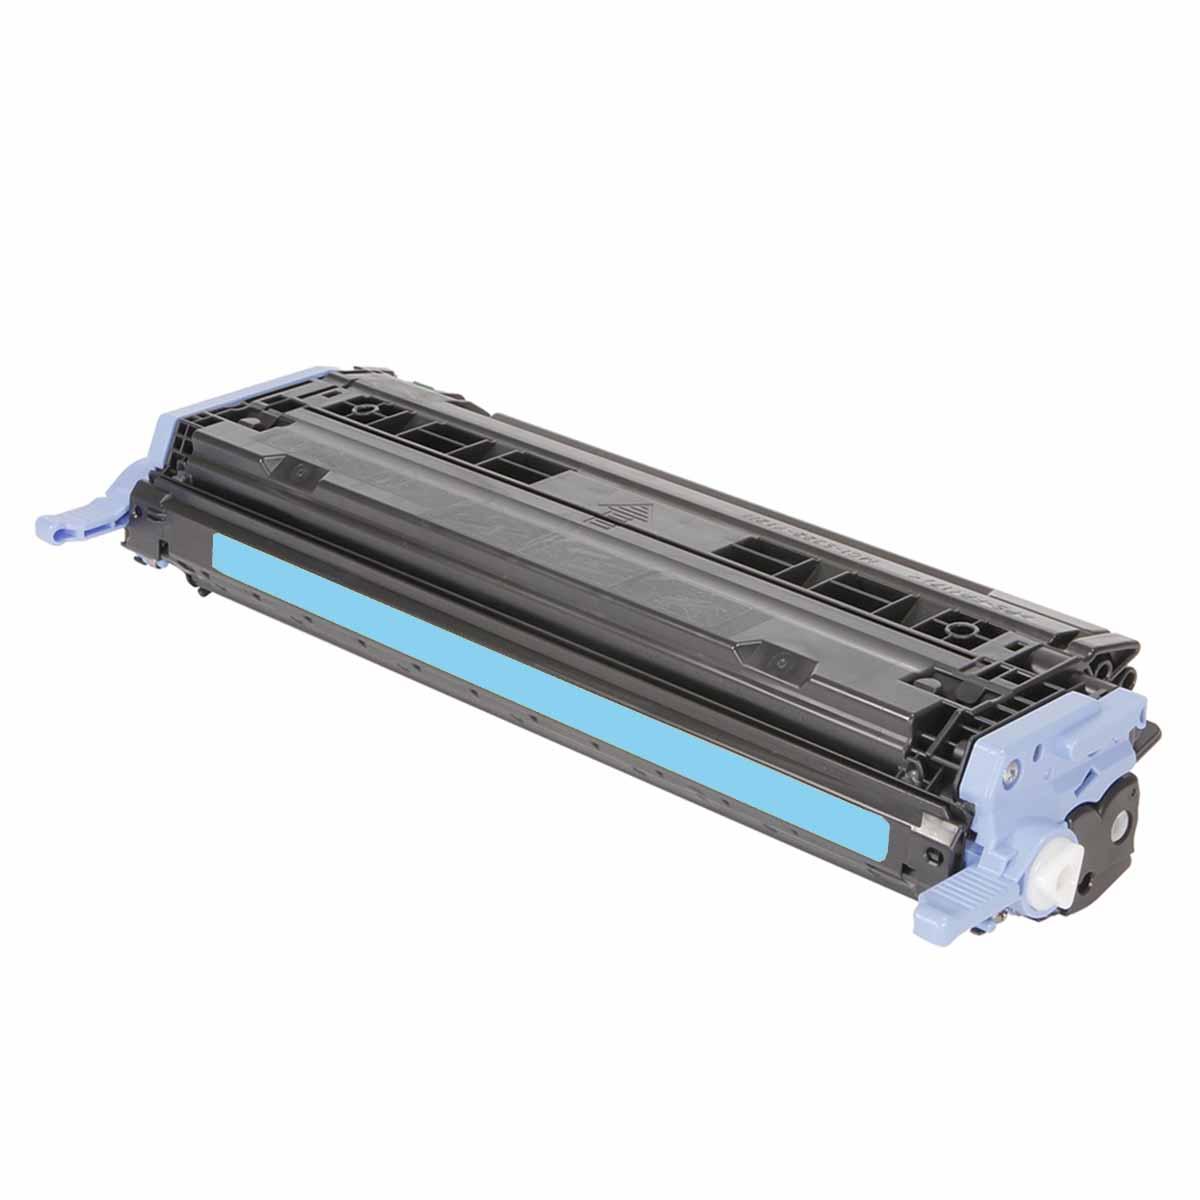 CARTUCHO HP (Q6001A/Q6001AB) 2605DN/2600/2600N/2600DTN CIANO COMPATÍVEL